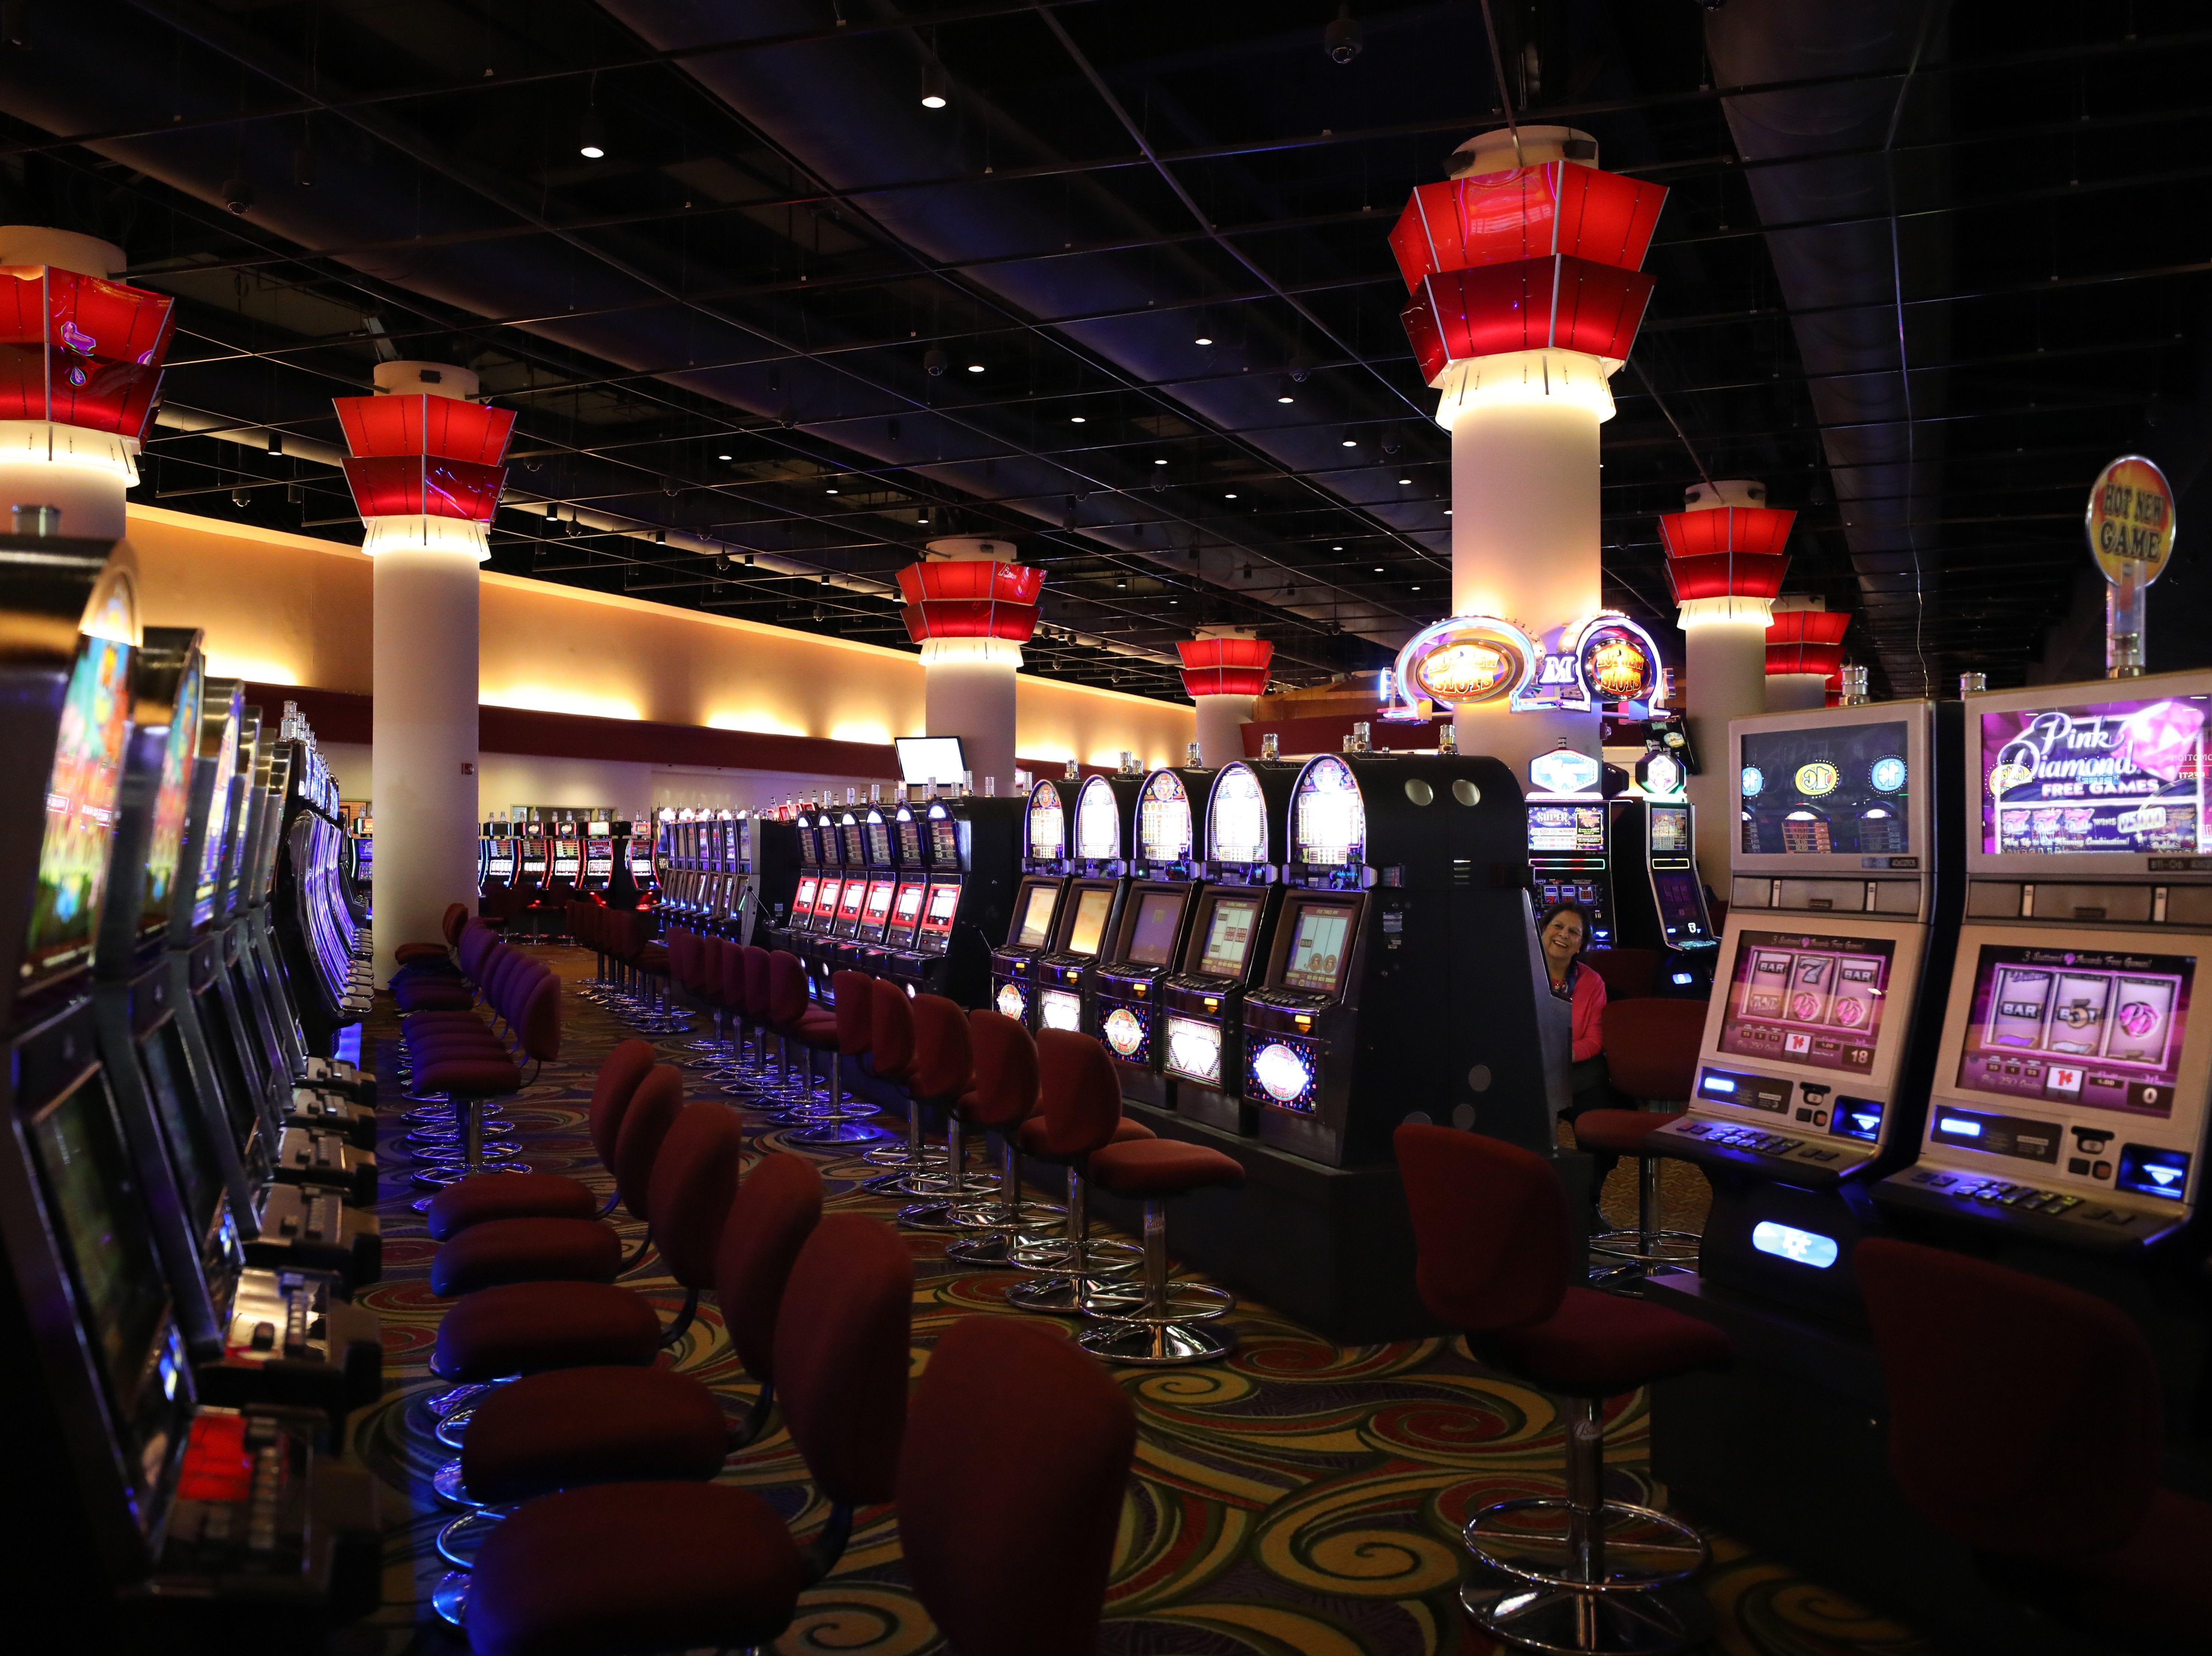 Video slot machines are pictured at the Monticello Casino Raceway in Monticello, April 10, 2019.